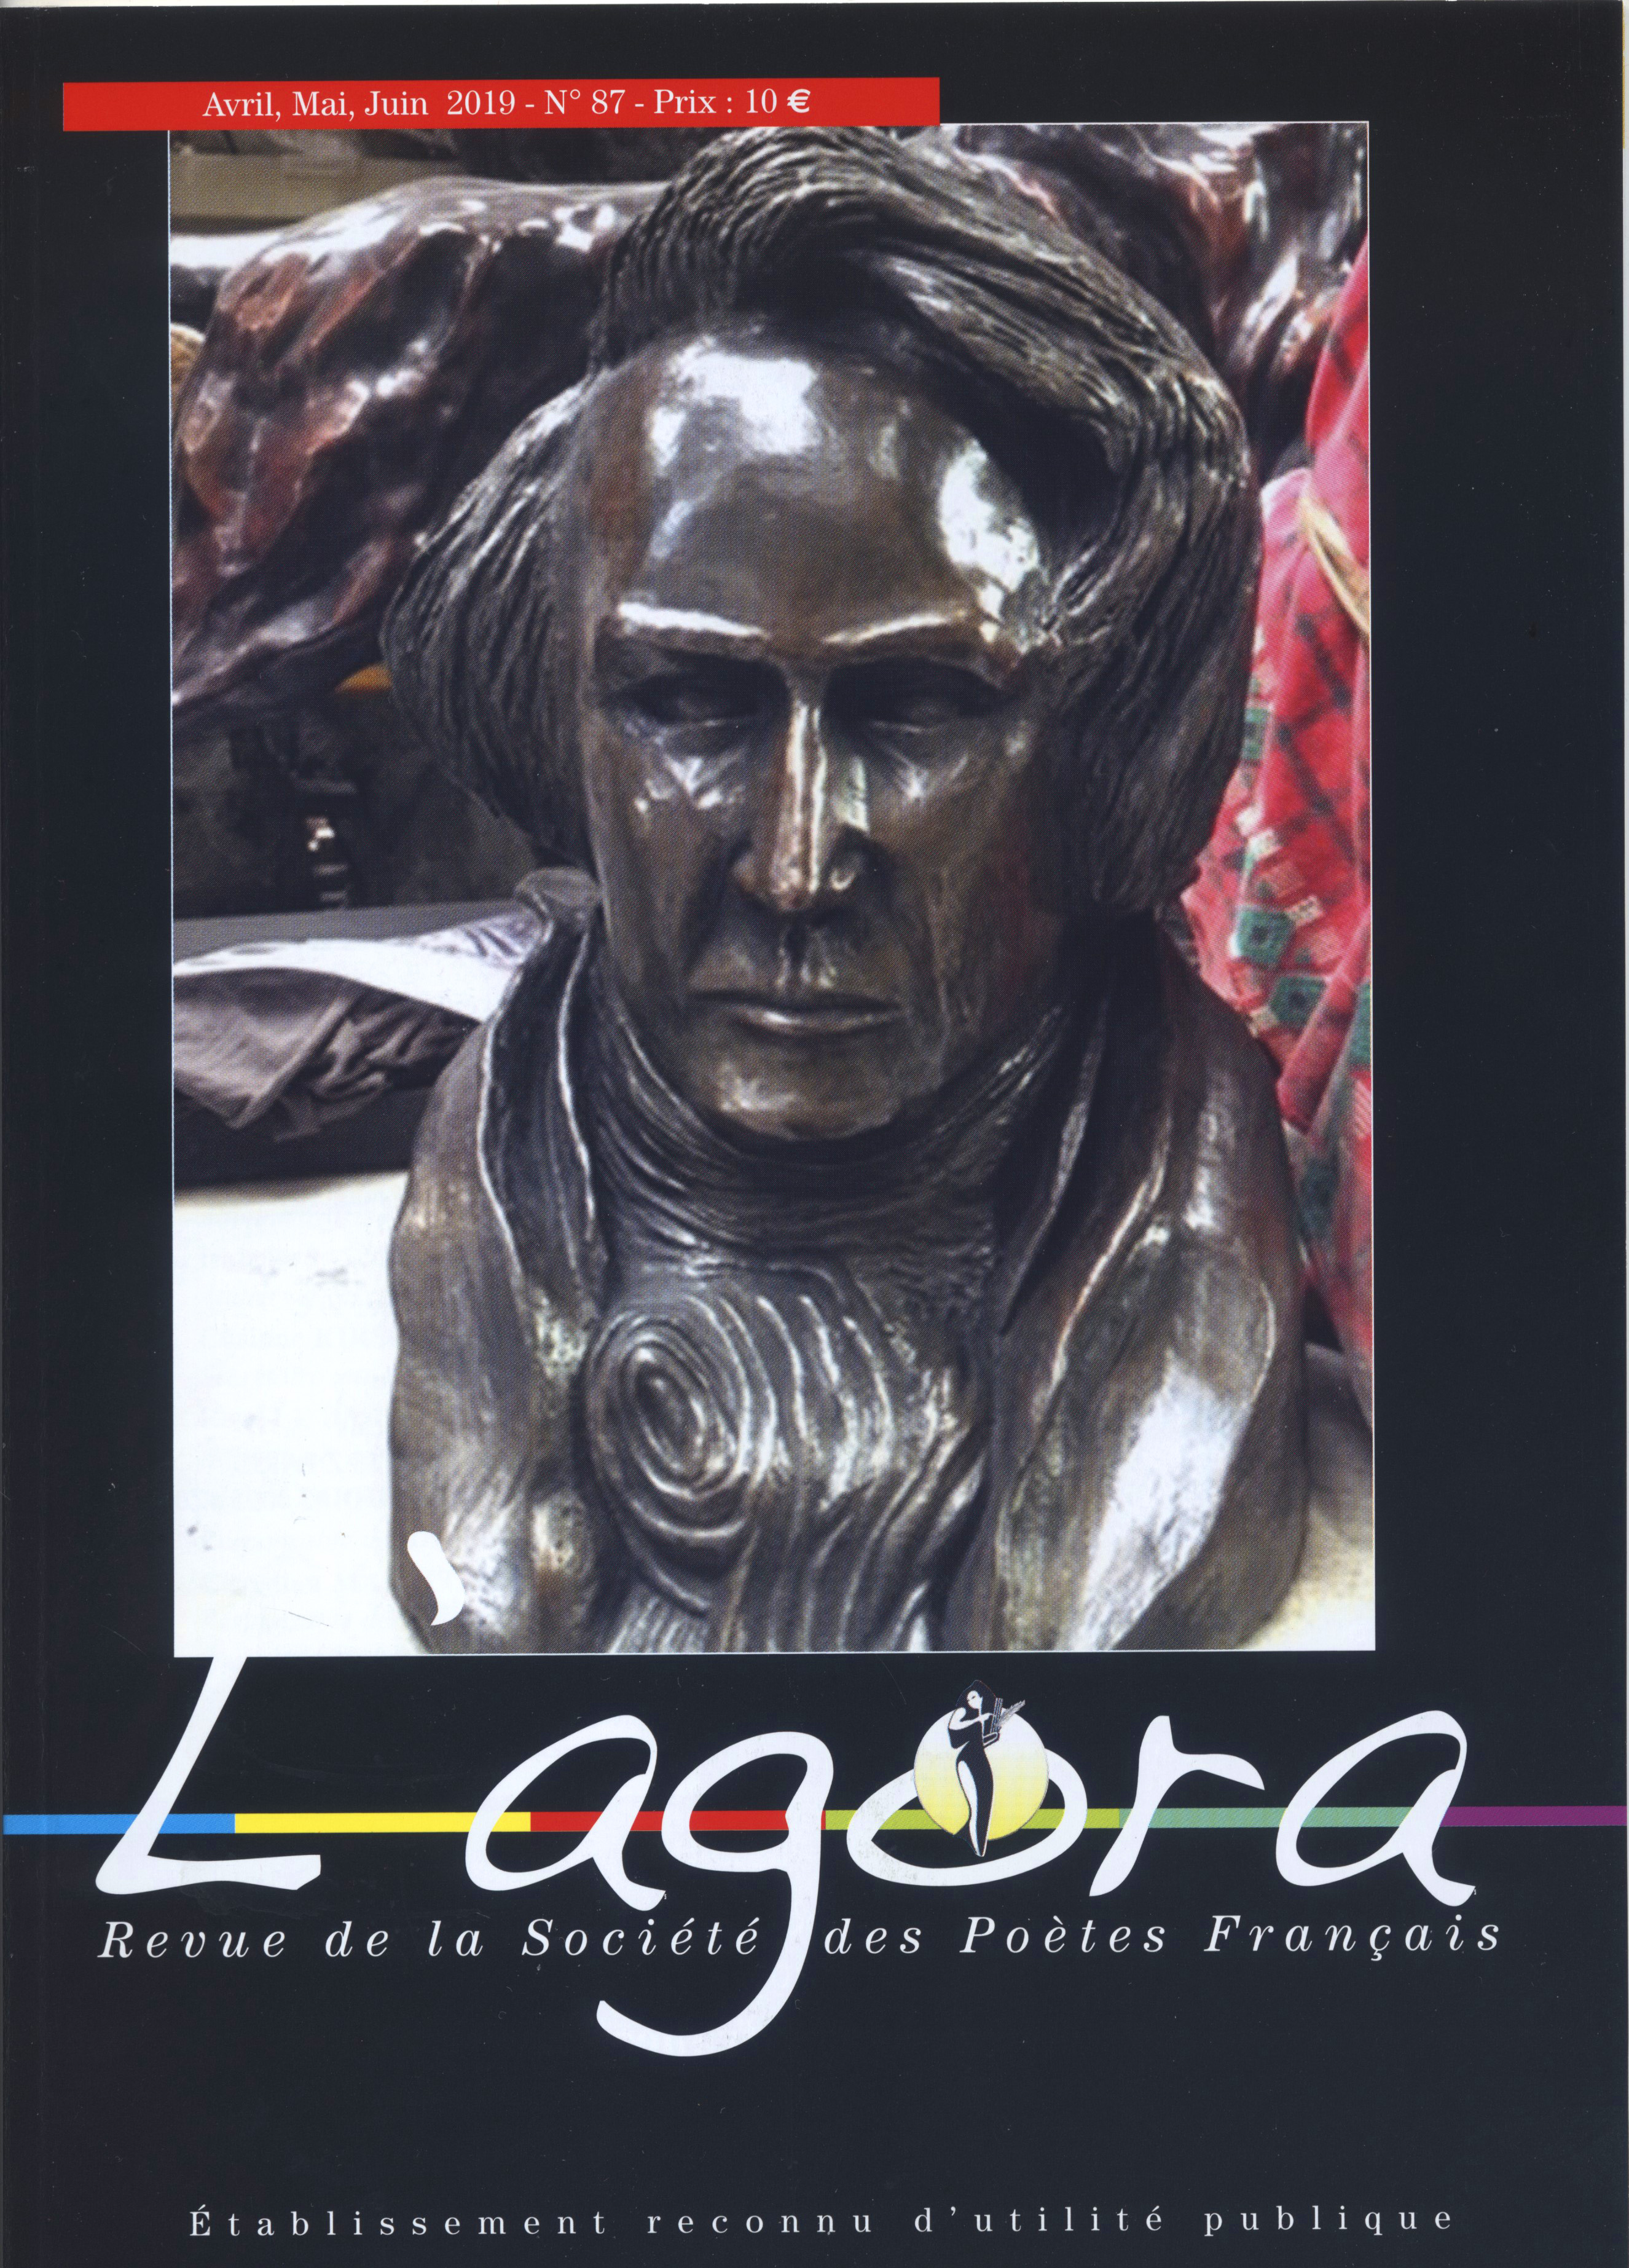 Sculpteur Peintre Et Poete Francais notre revue l'agora - societedespoetesfrancais